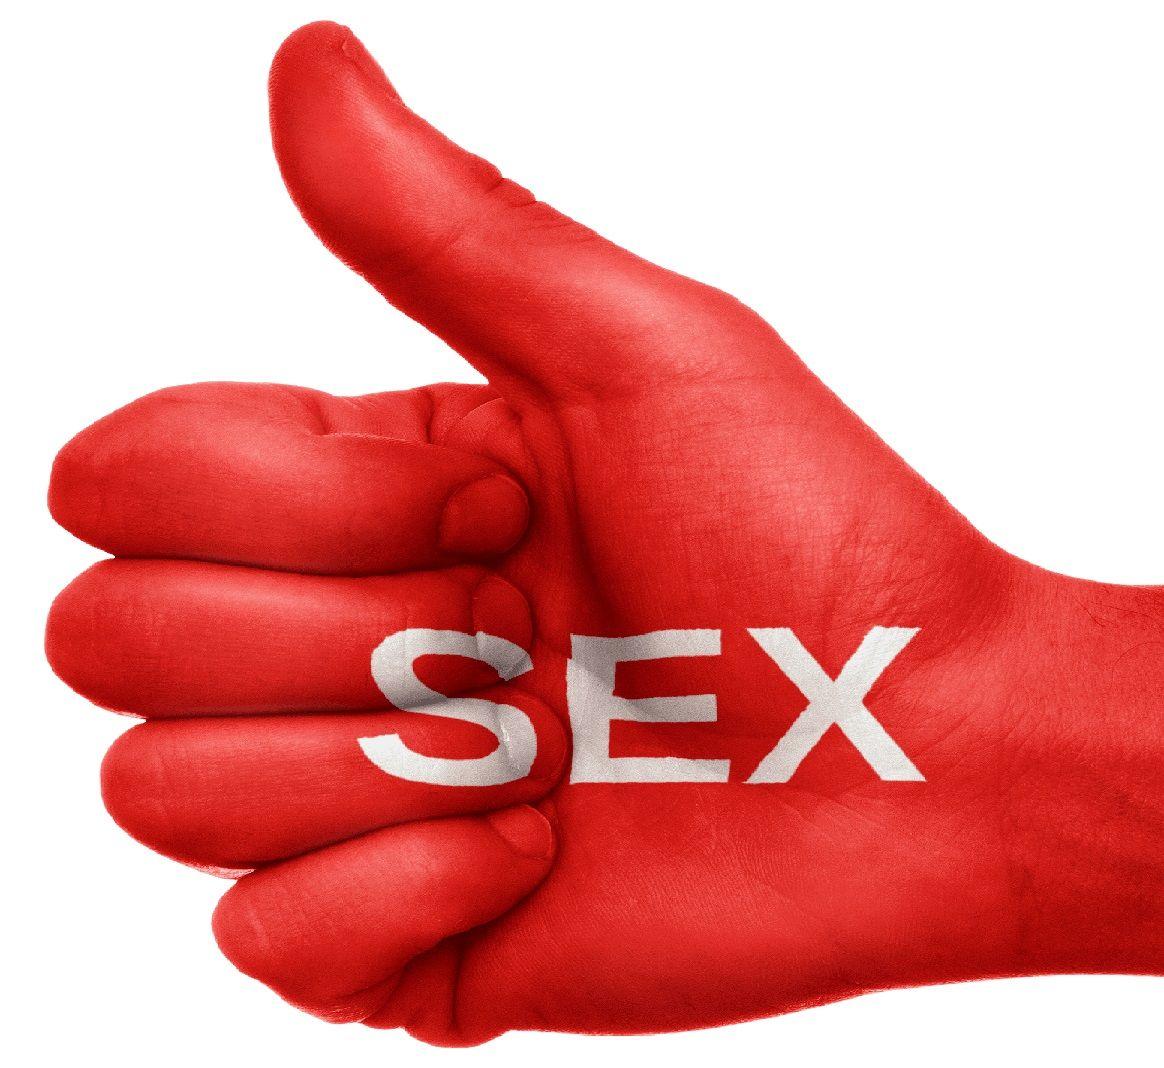 セックスに悩んだらディルドを使おう